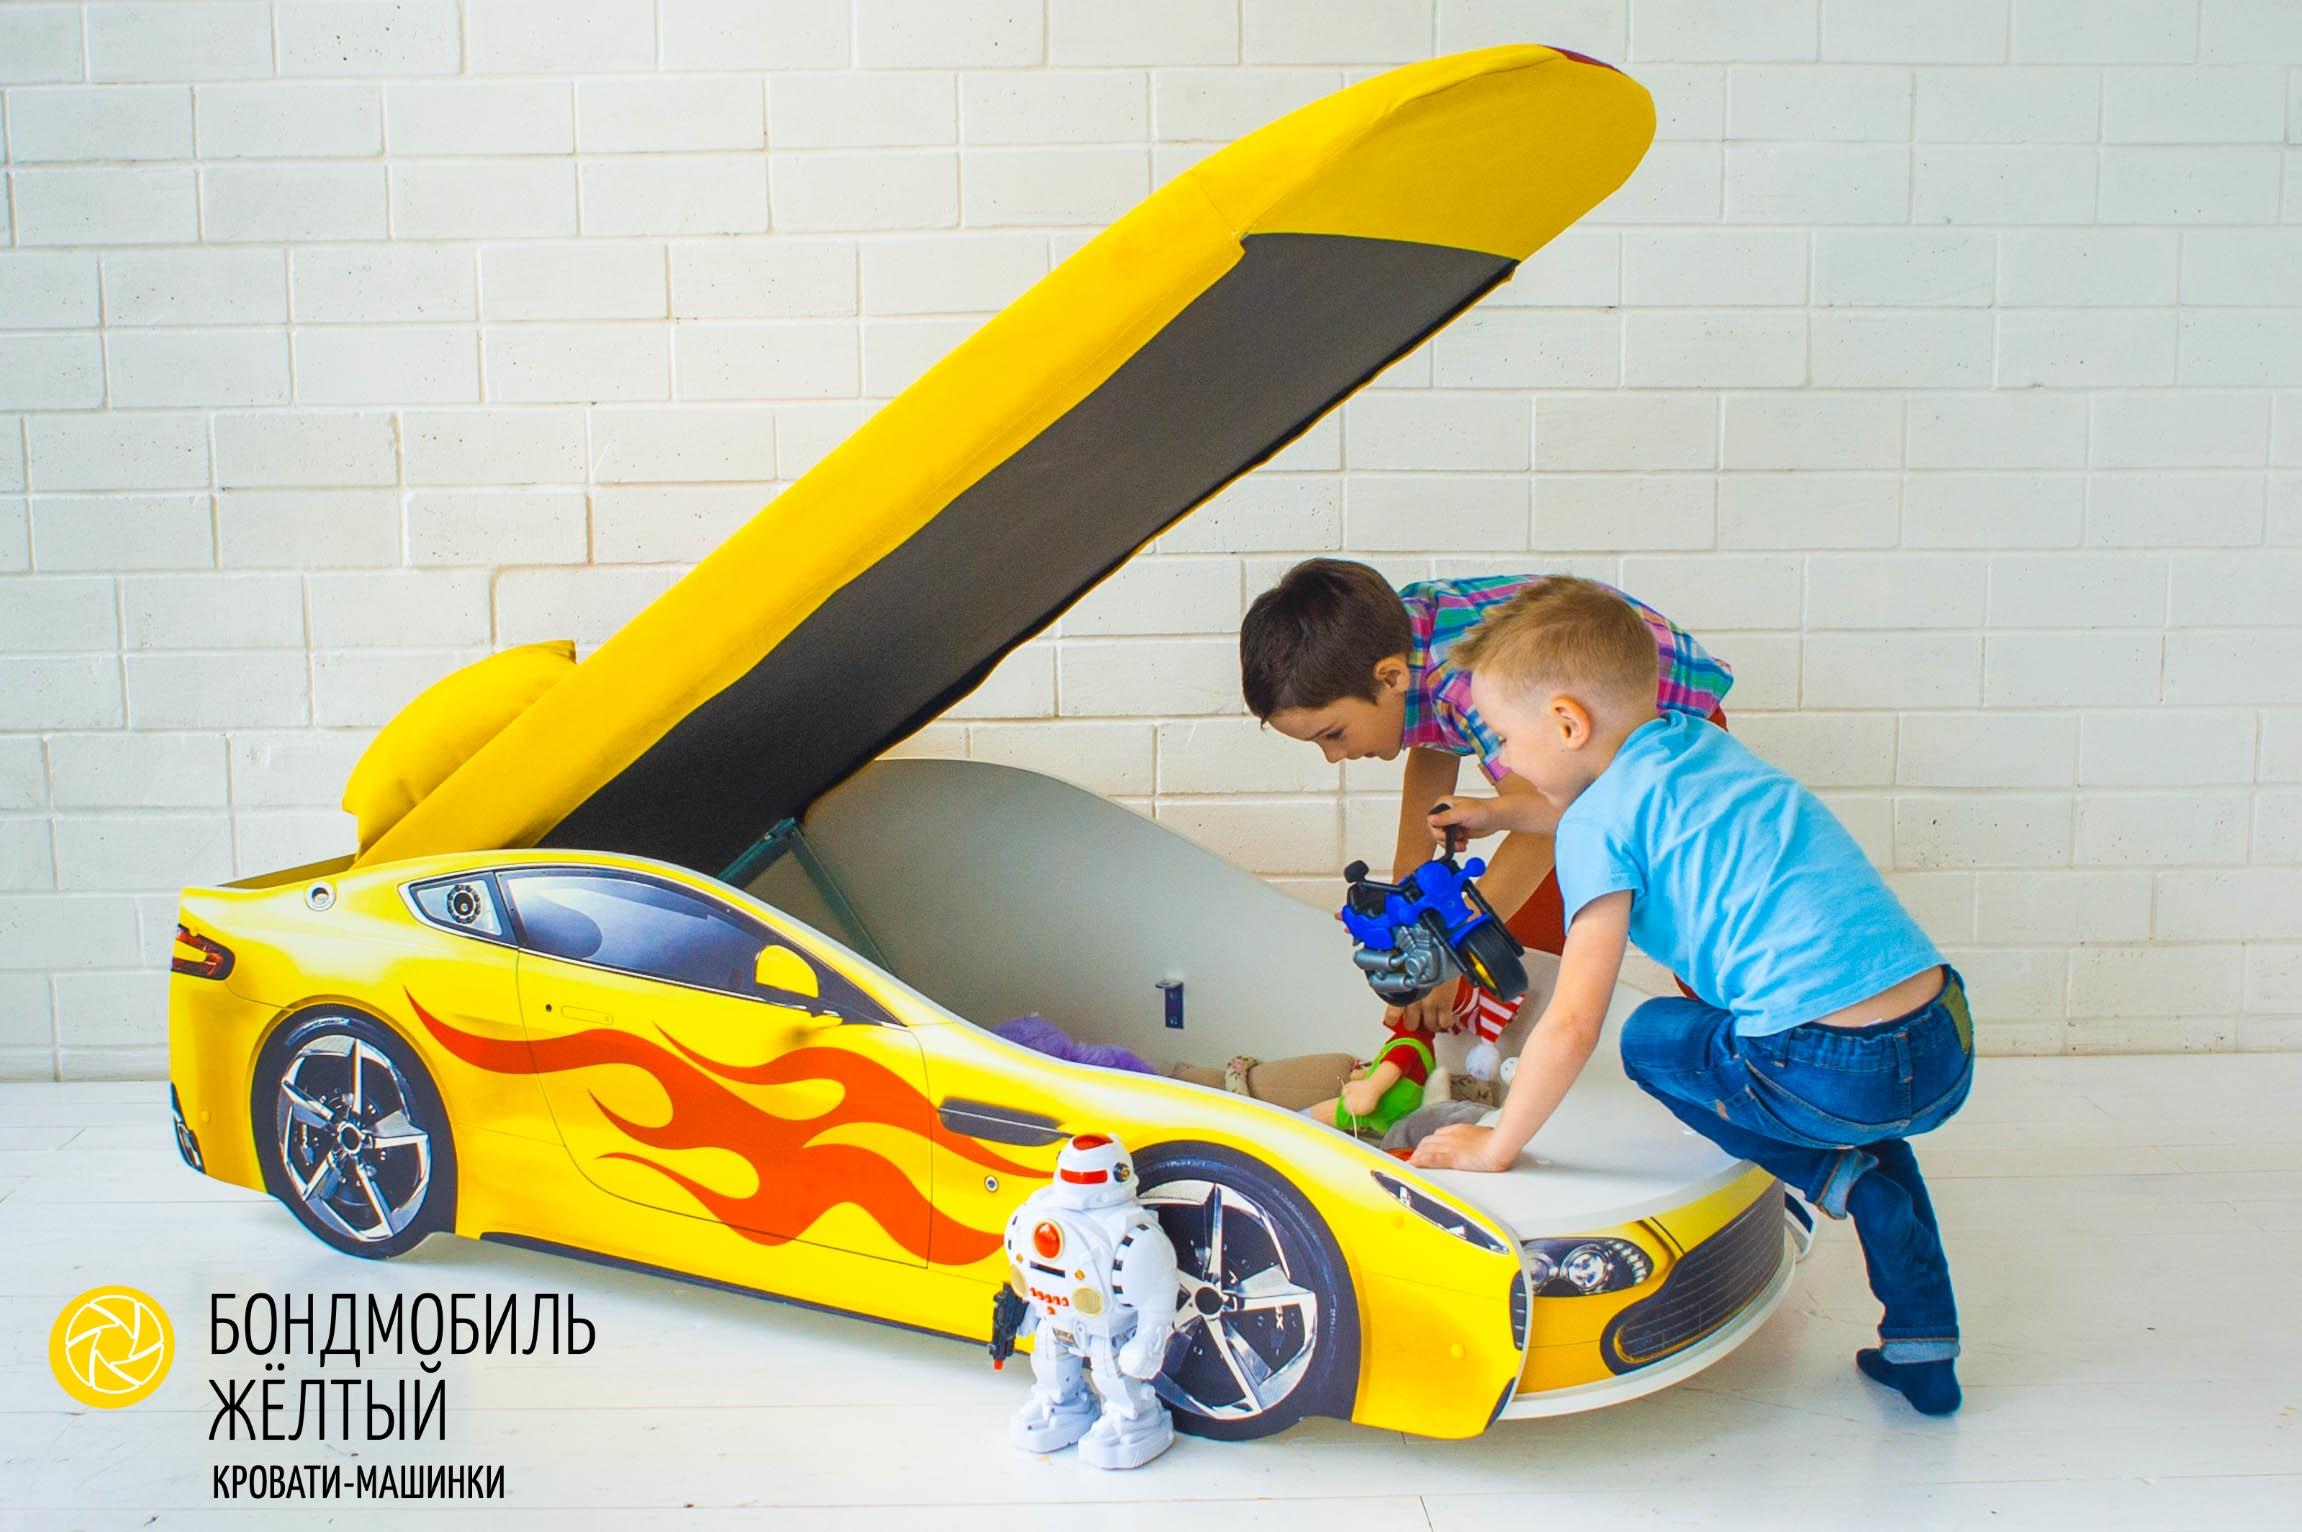 Детская кровать-машина желтый -Бондмобиль-4